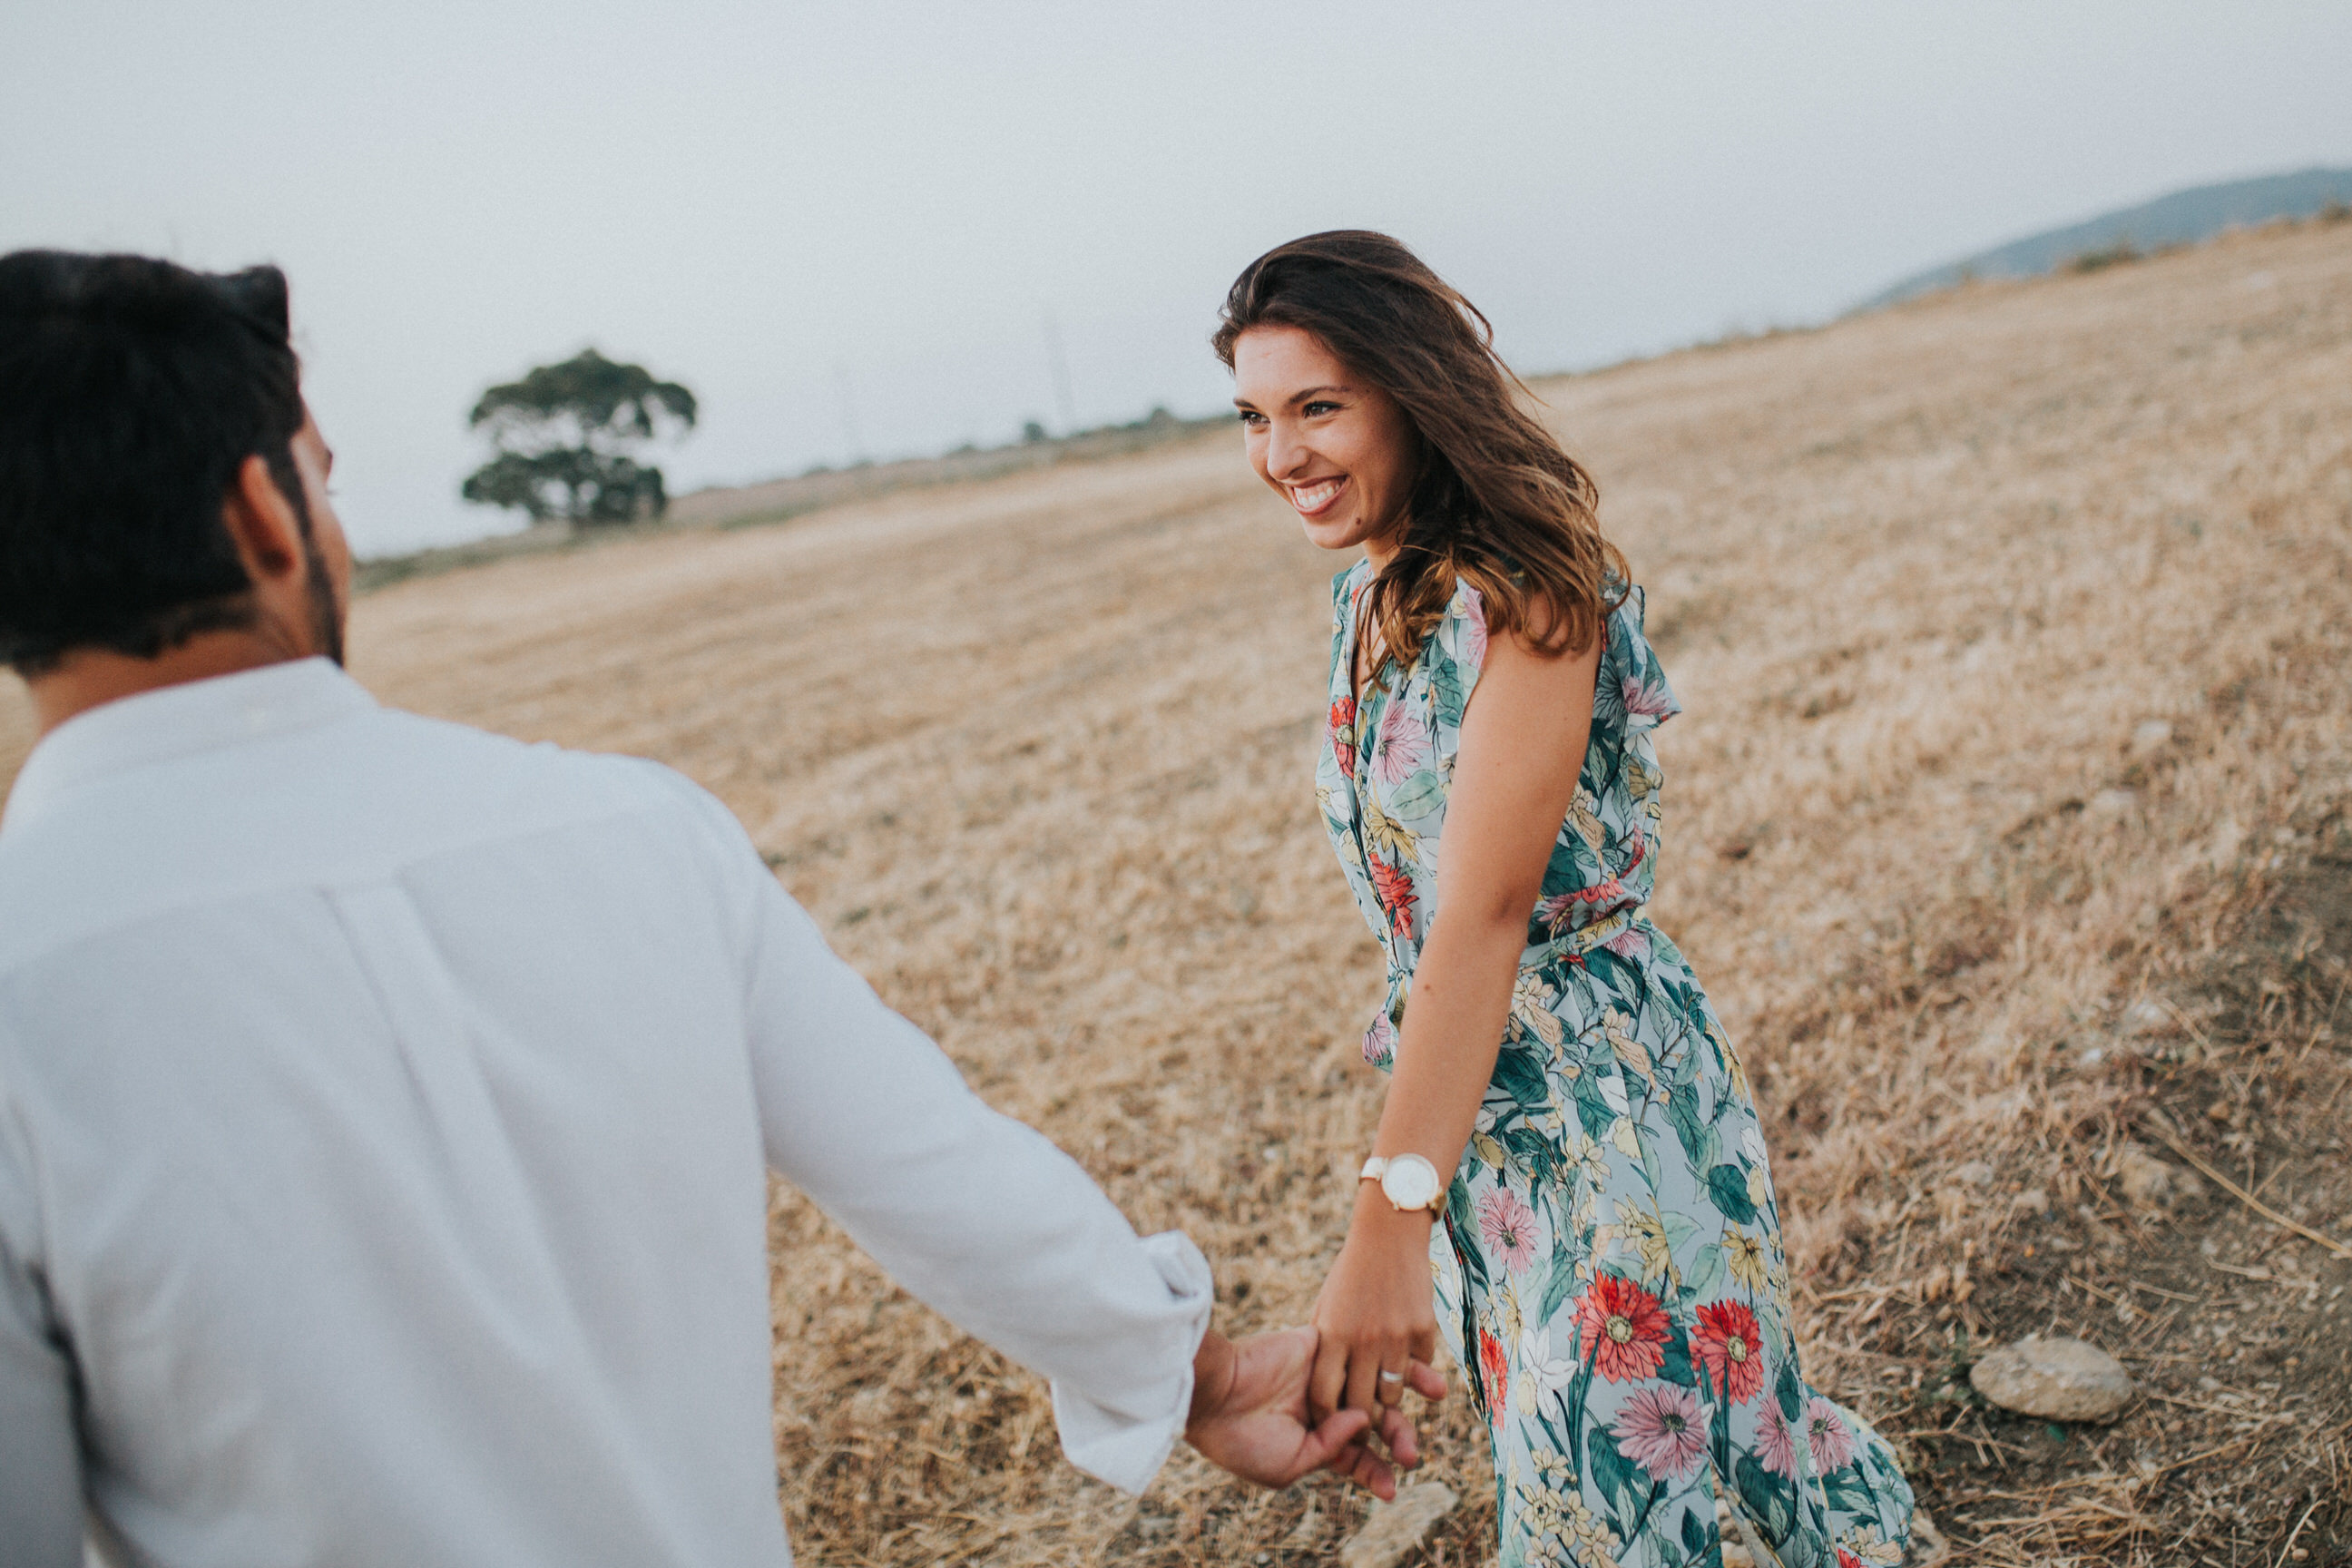 30 Cristiana&André-engagement-love-session-solteiros-noivado-foto-natural-Filipe-Santiago-Fotografia-Lisboa-Sintra-Mafra-Malveira-Torres-Vedras-Fotografos-preços